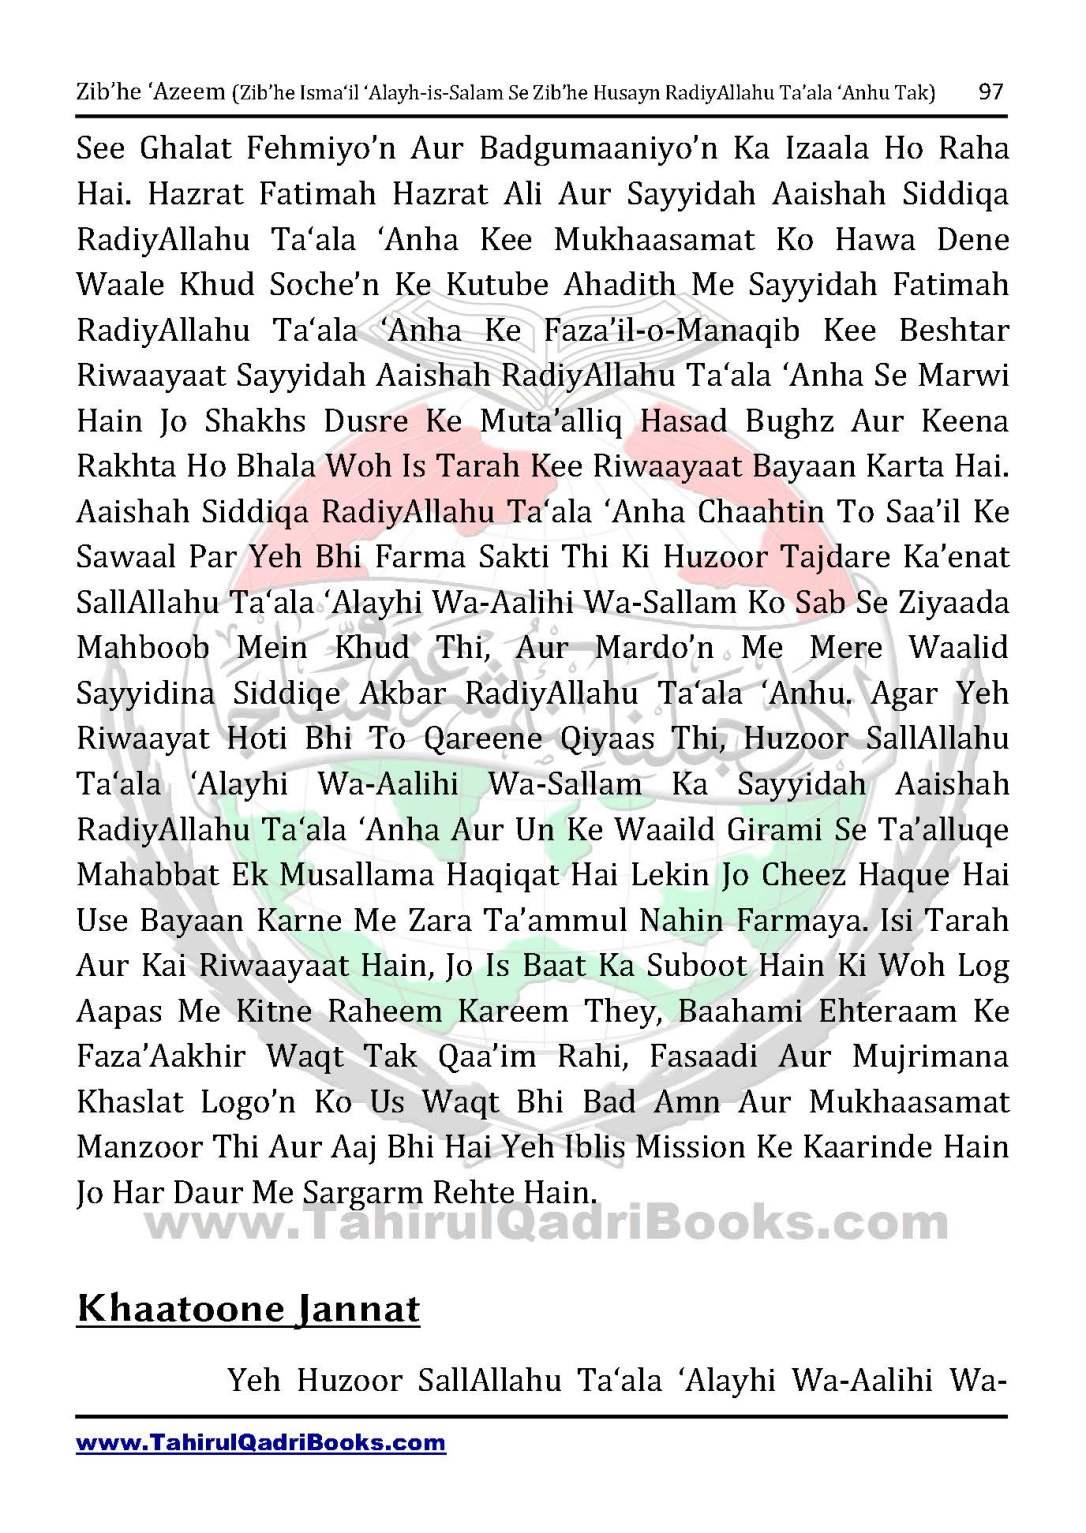 zib_he-e28098azeem-zib_he-ismacabbil-se-zib_he-husayn-tak-in-roman-urdu-unlocked_Page_097